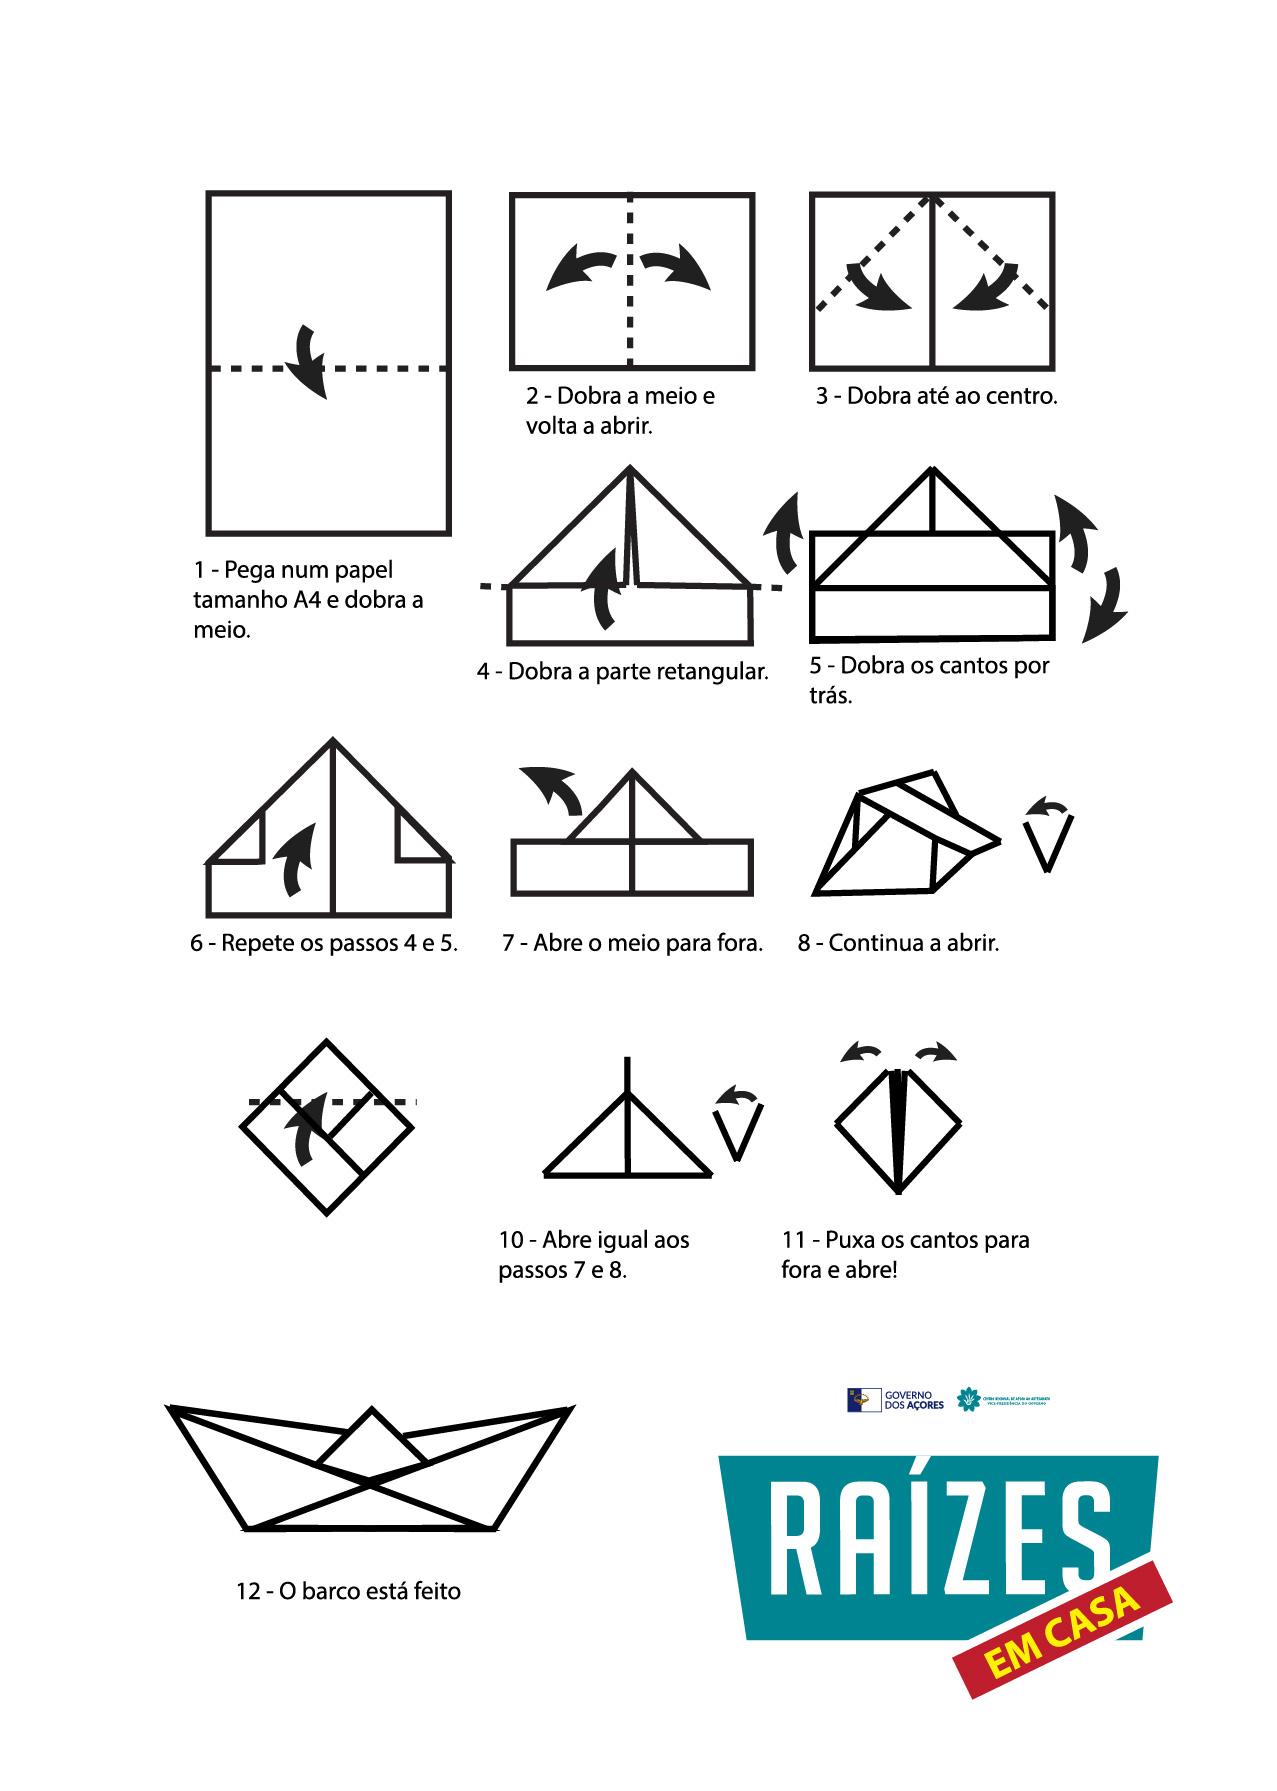 papel_dobragens_raizes_em_casa-03